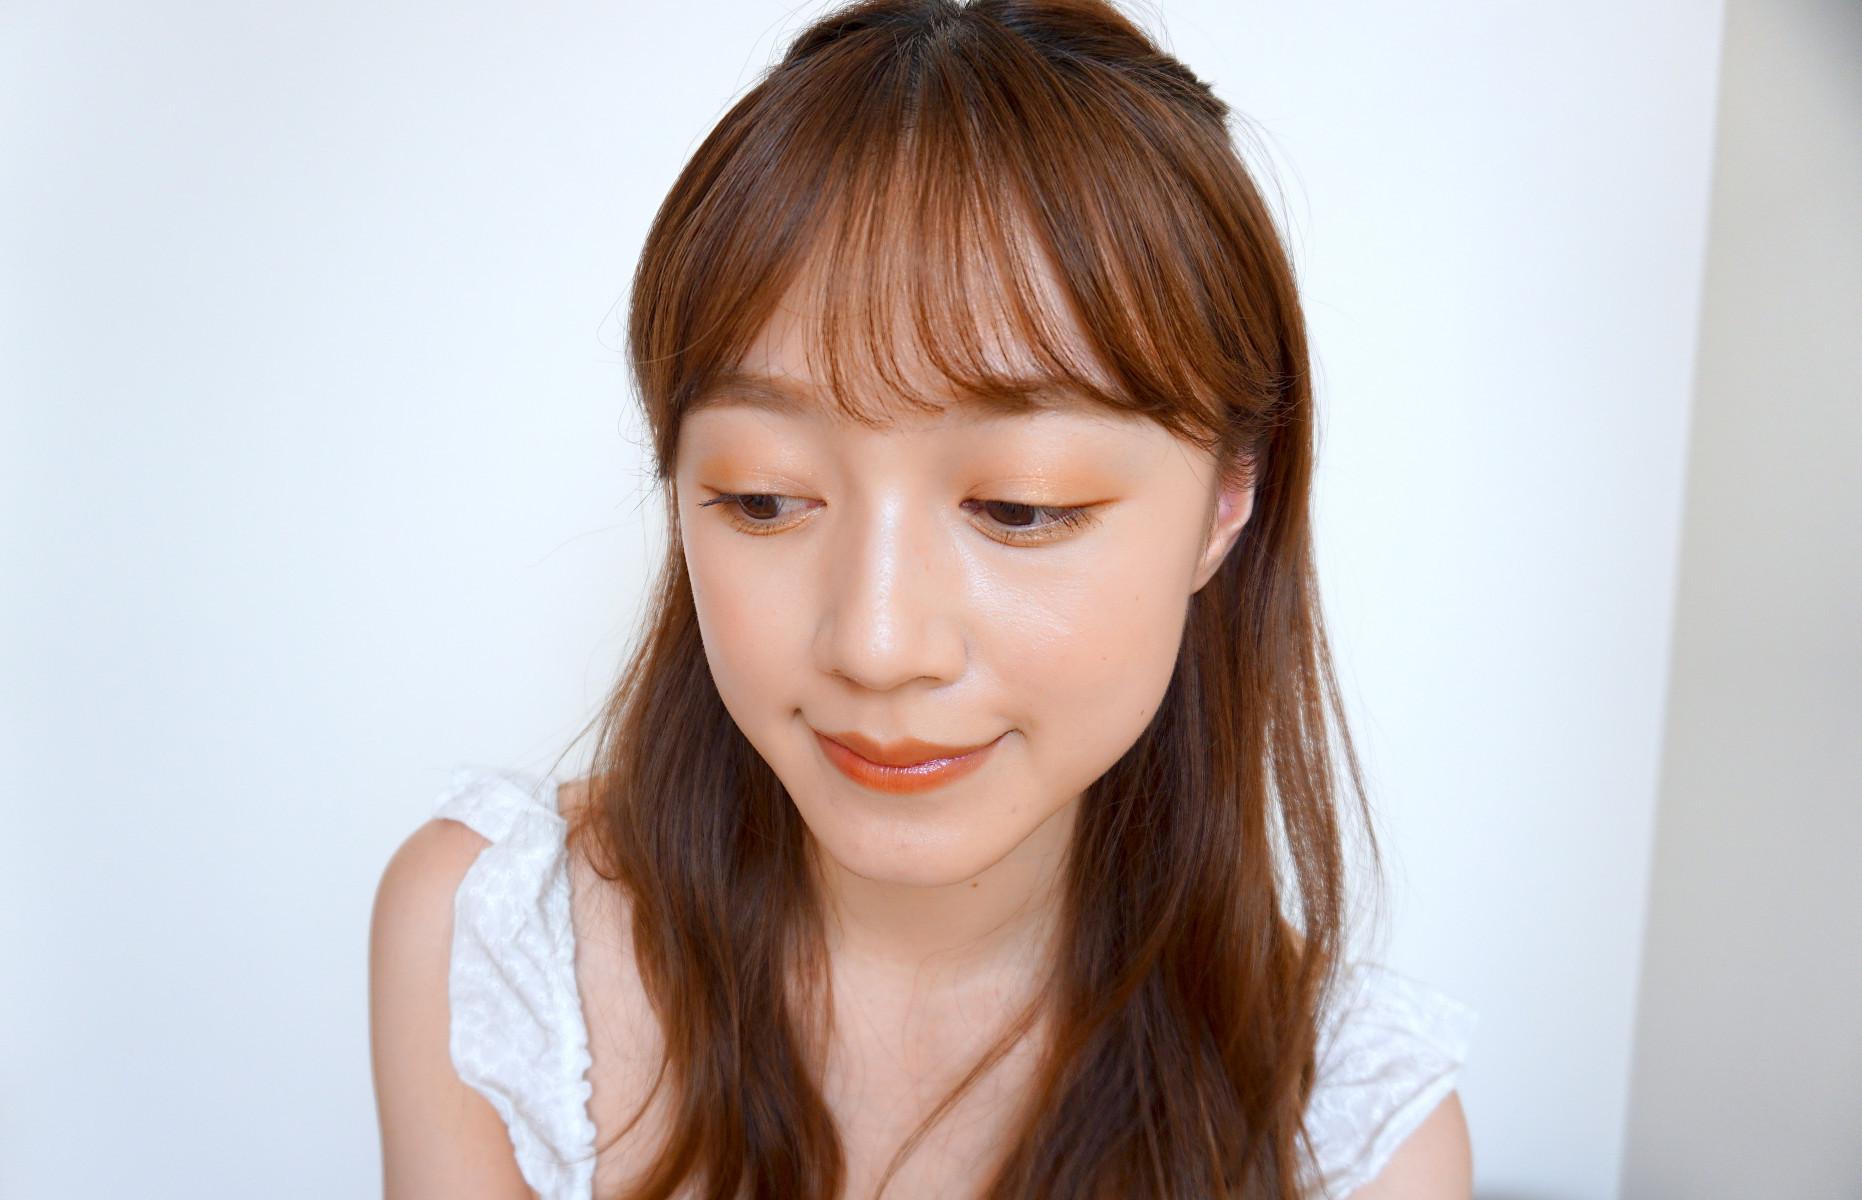 【柿色メイク】マキア公式ブロガーがおすすめする柿色メイク_チーム★マキアはるぴさん-4